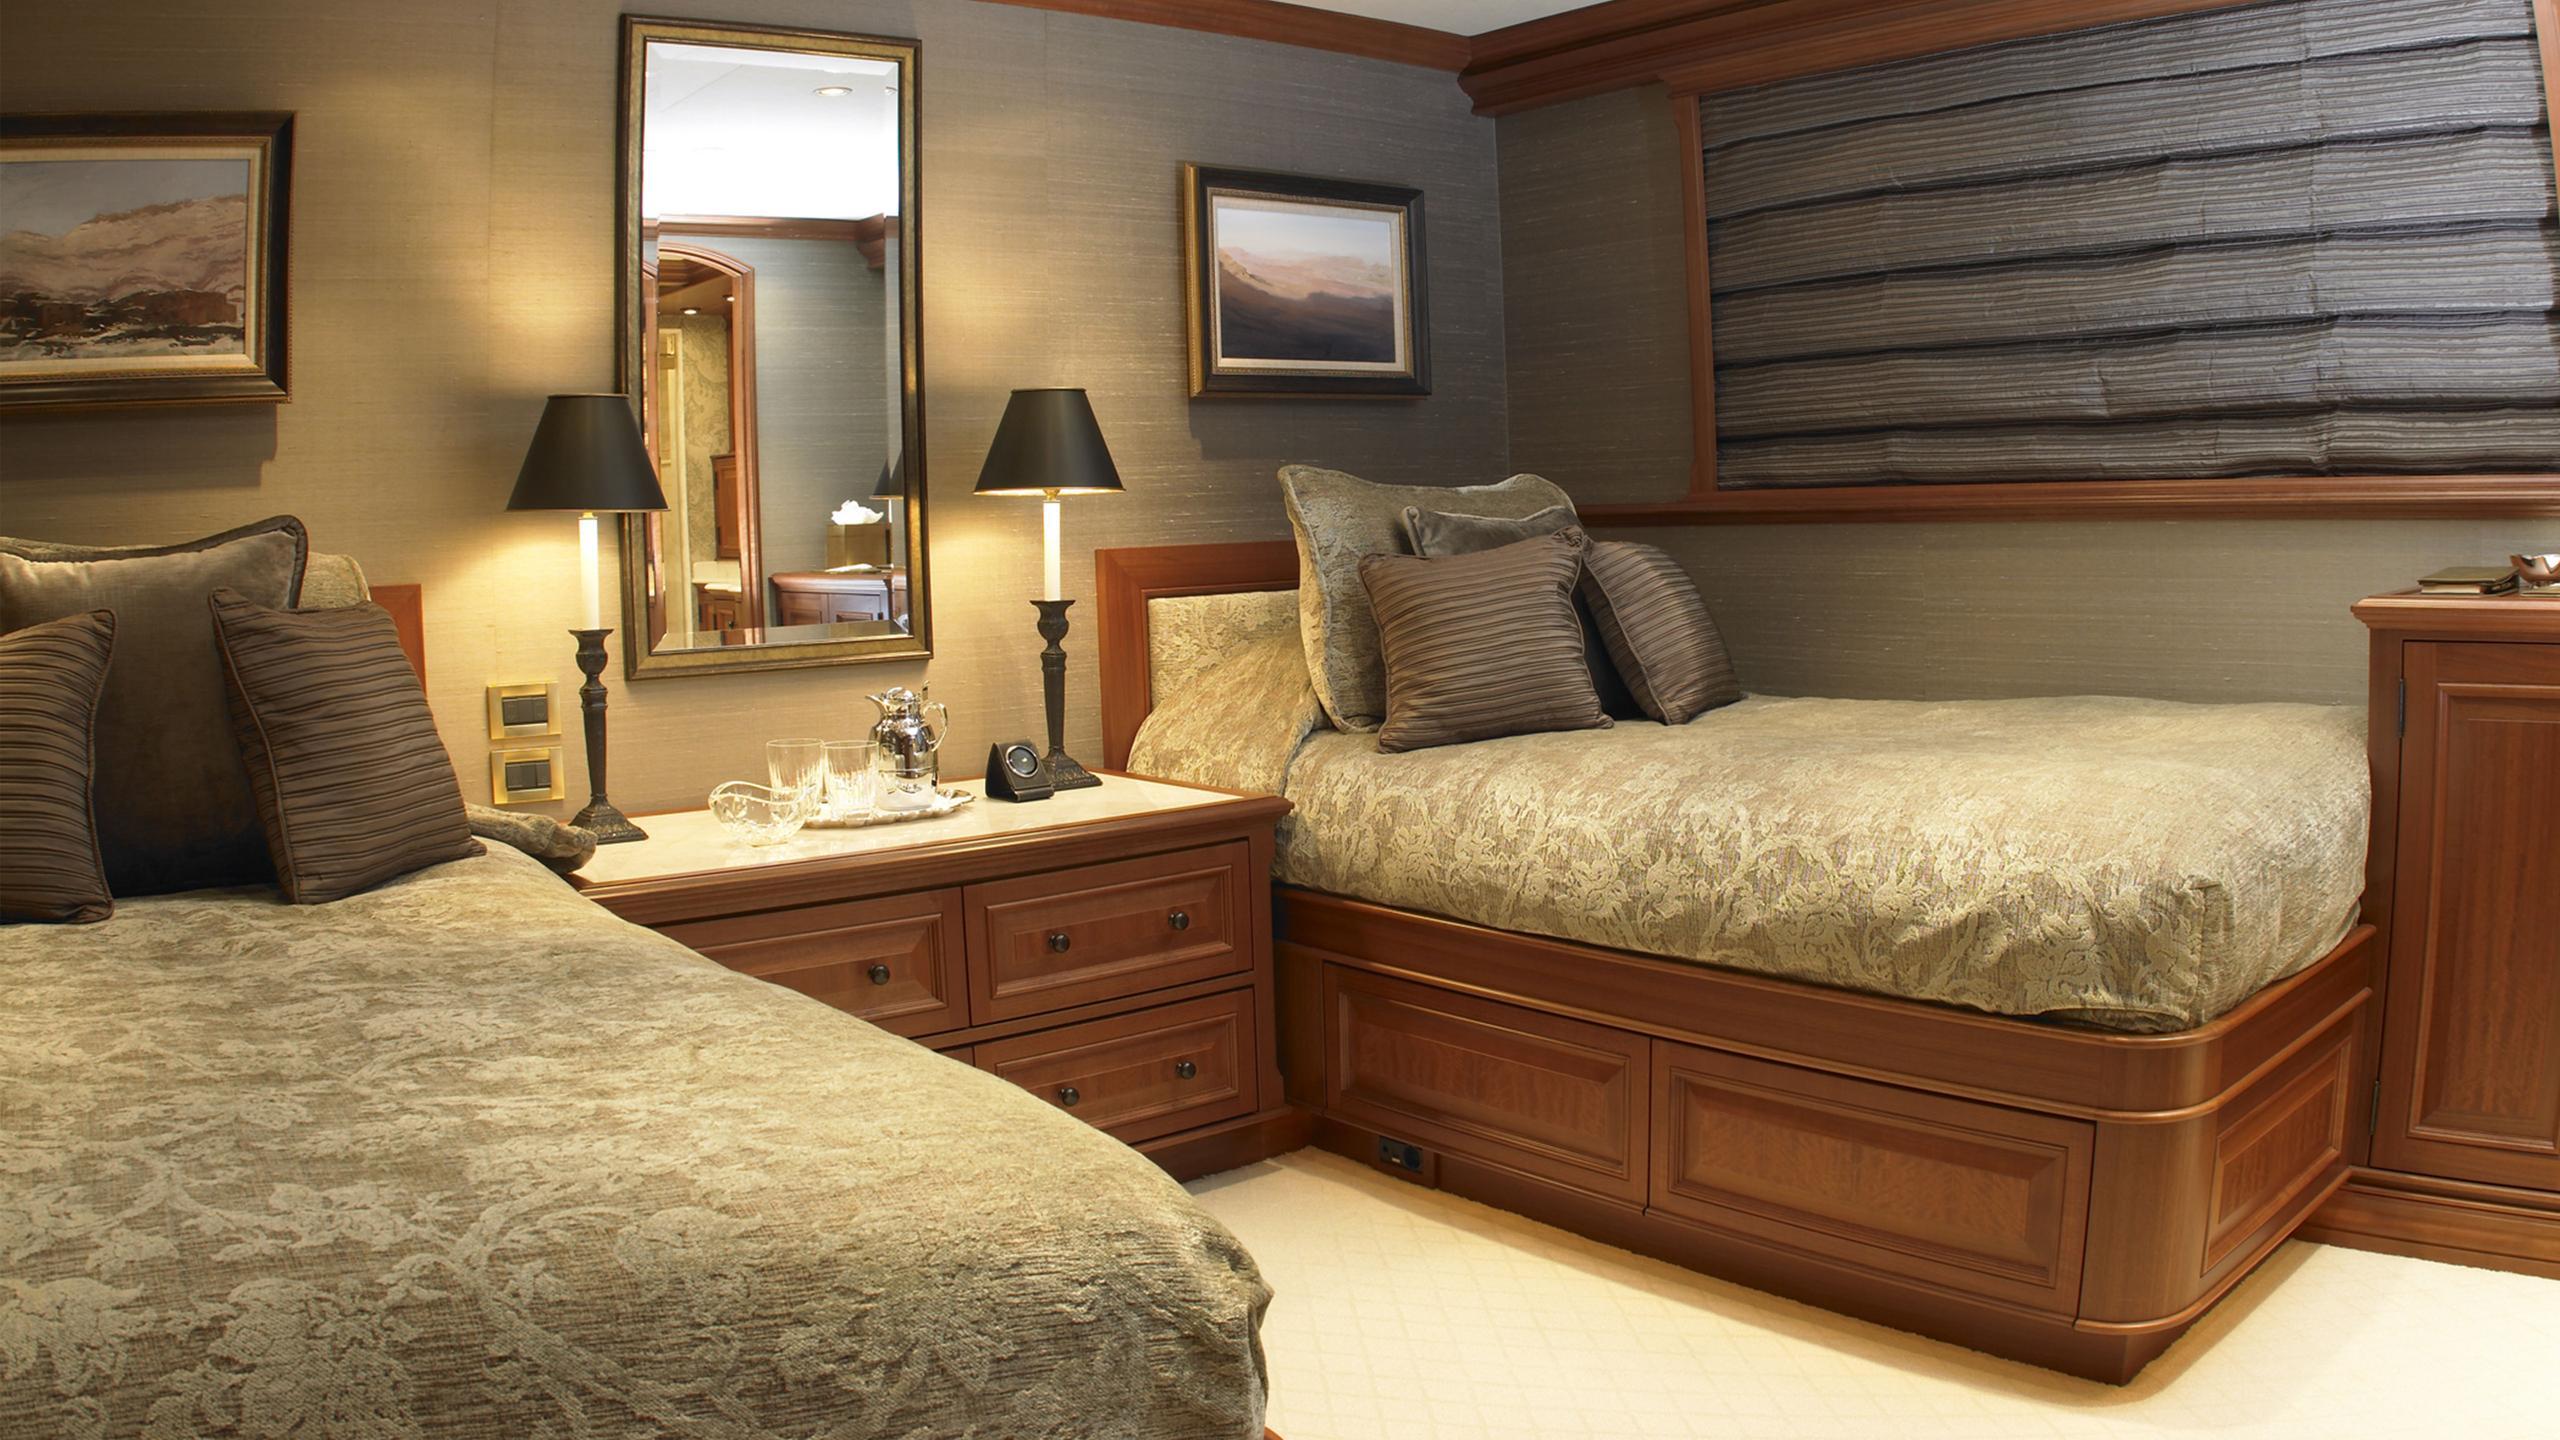 maghreb-v-yacht-twin-cabin